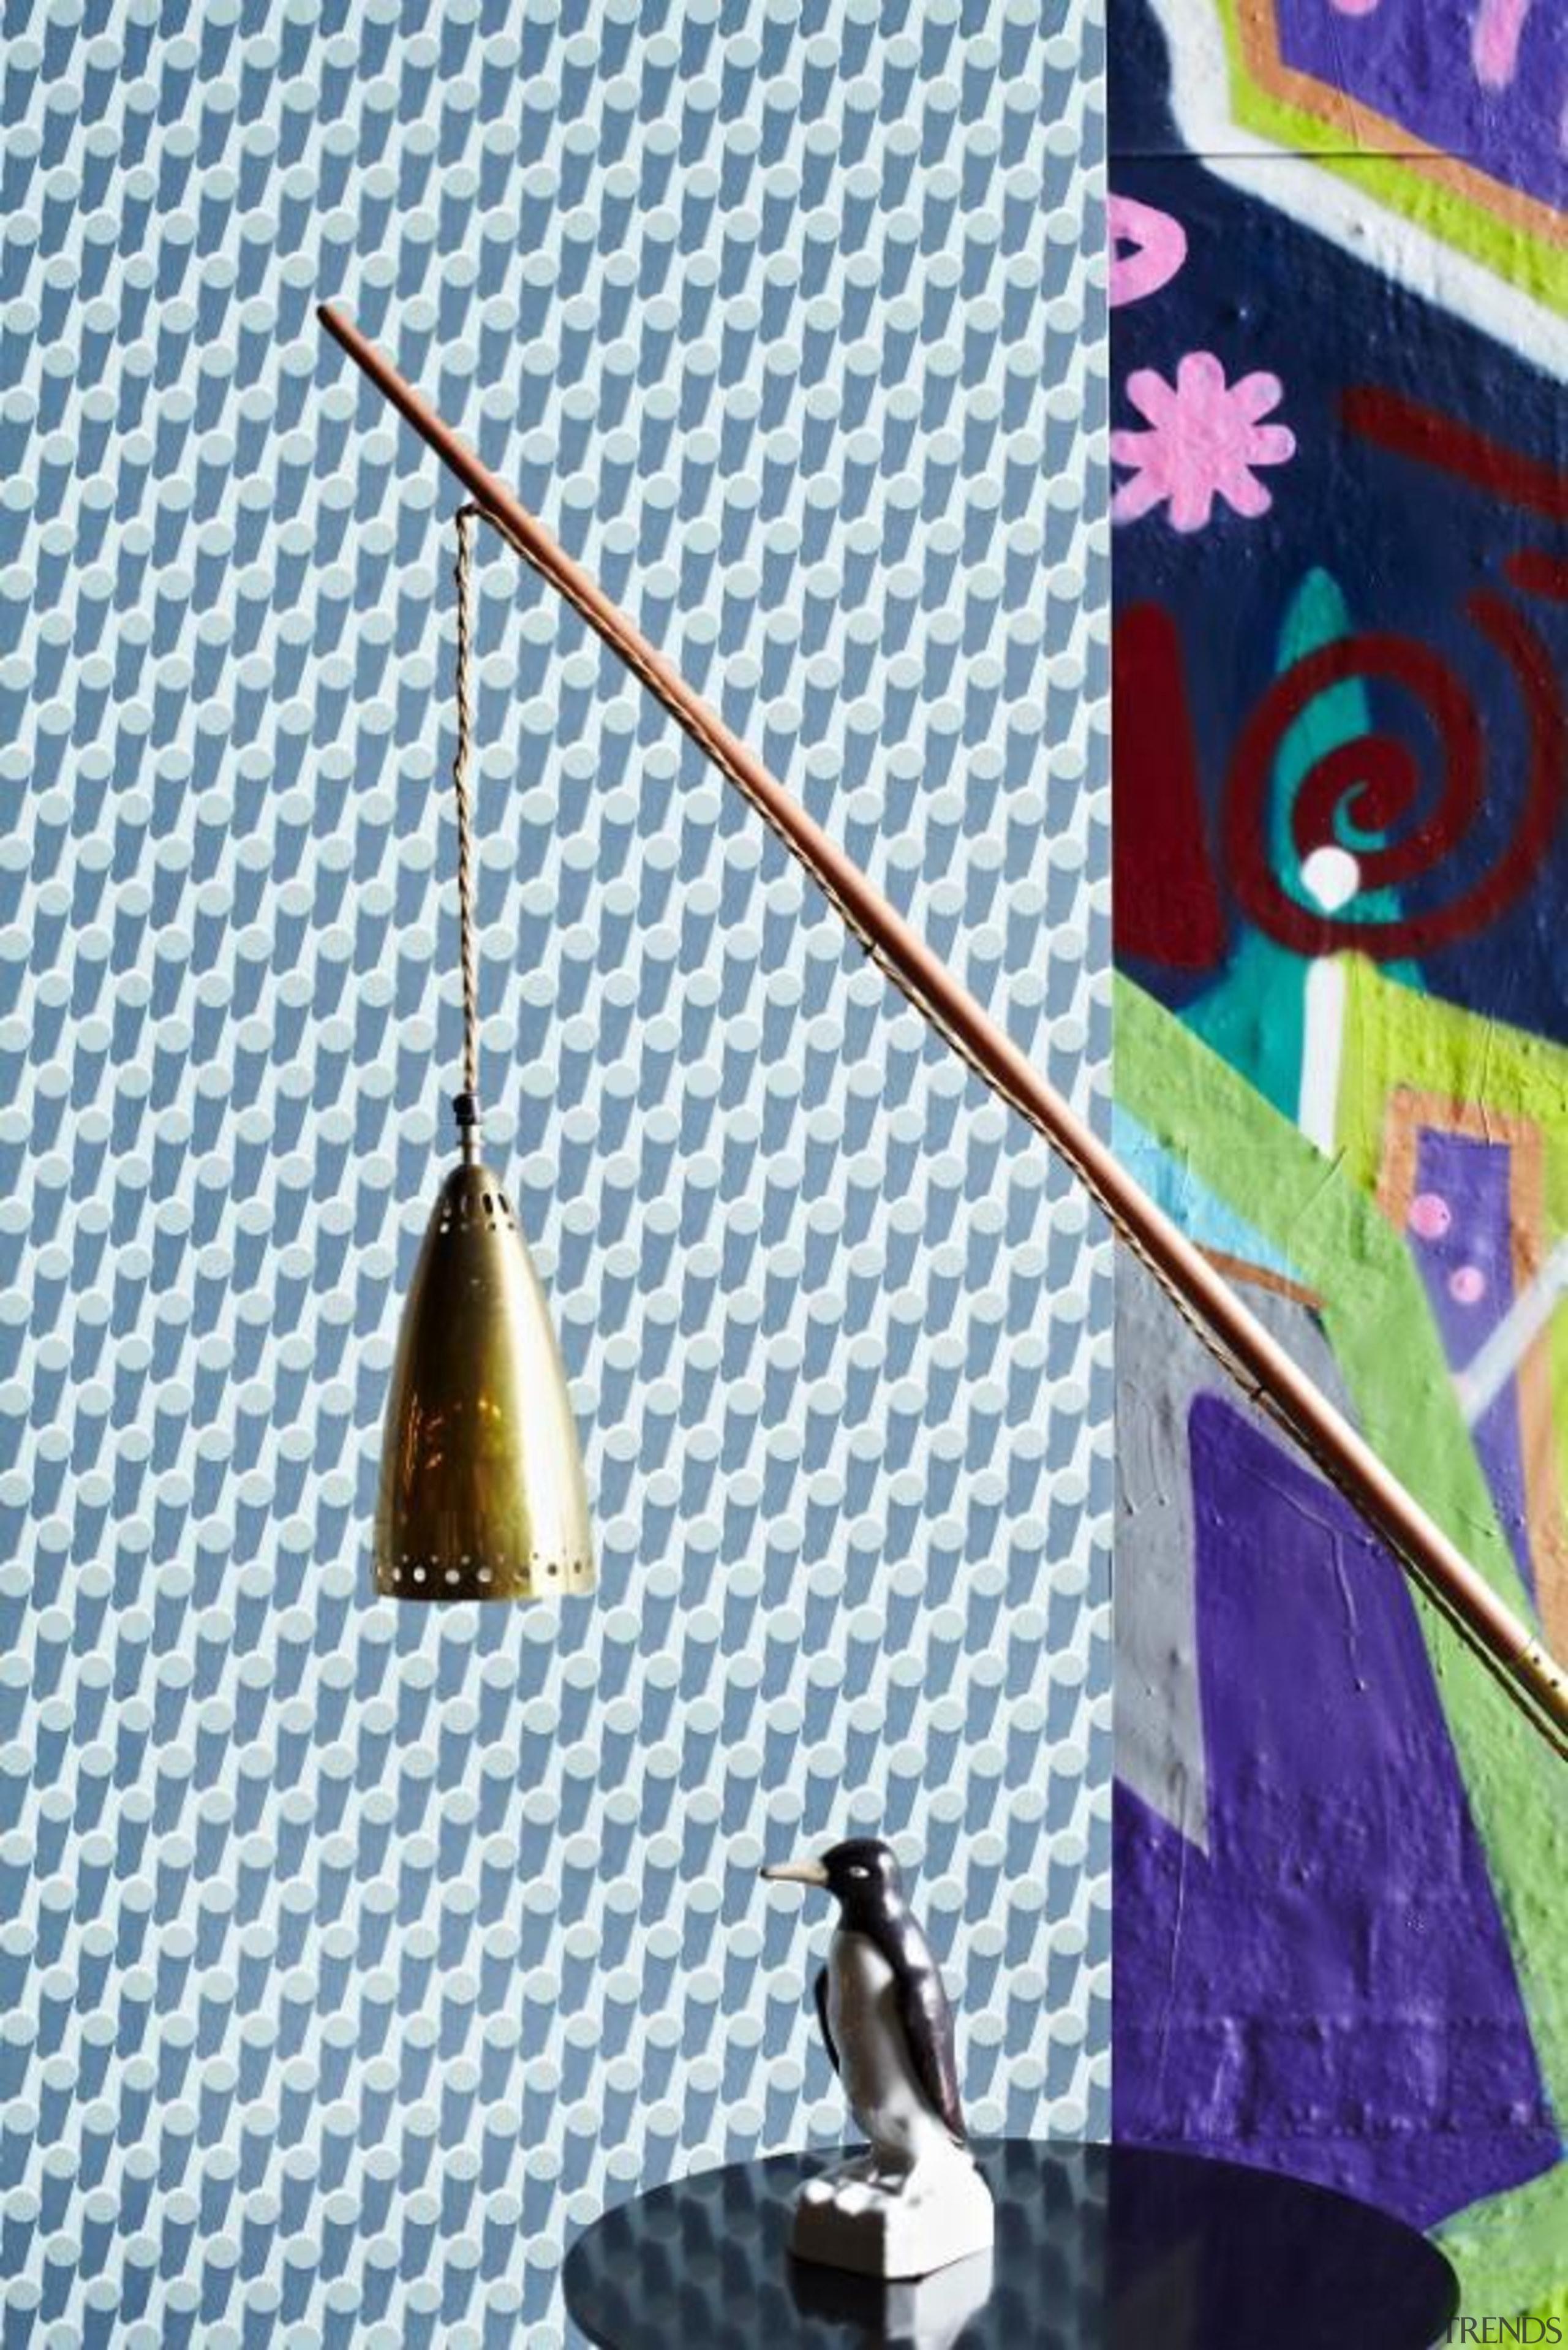 Eley Kishimoto Hand-Printed Wallpaper Collection - Eley Kishimoto triangle, white